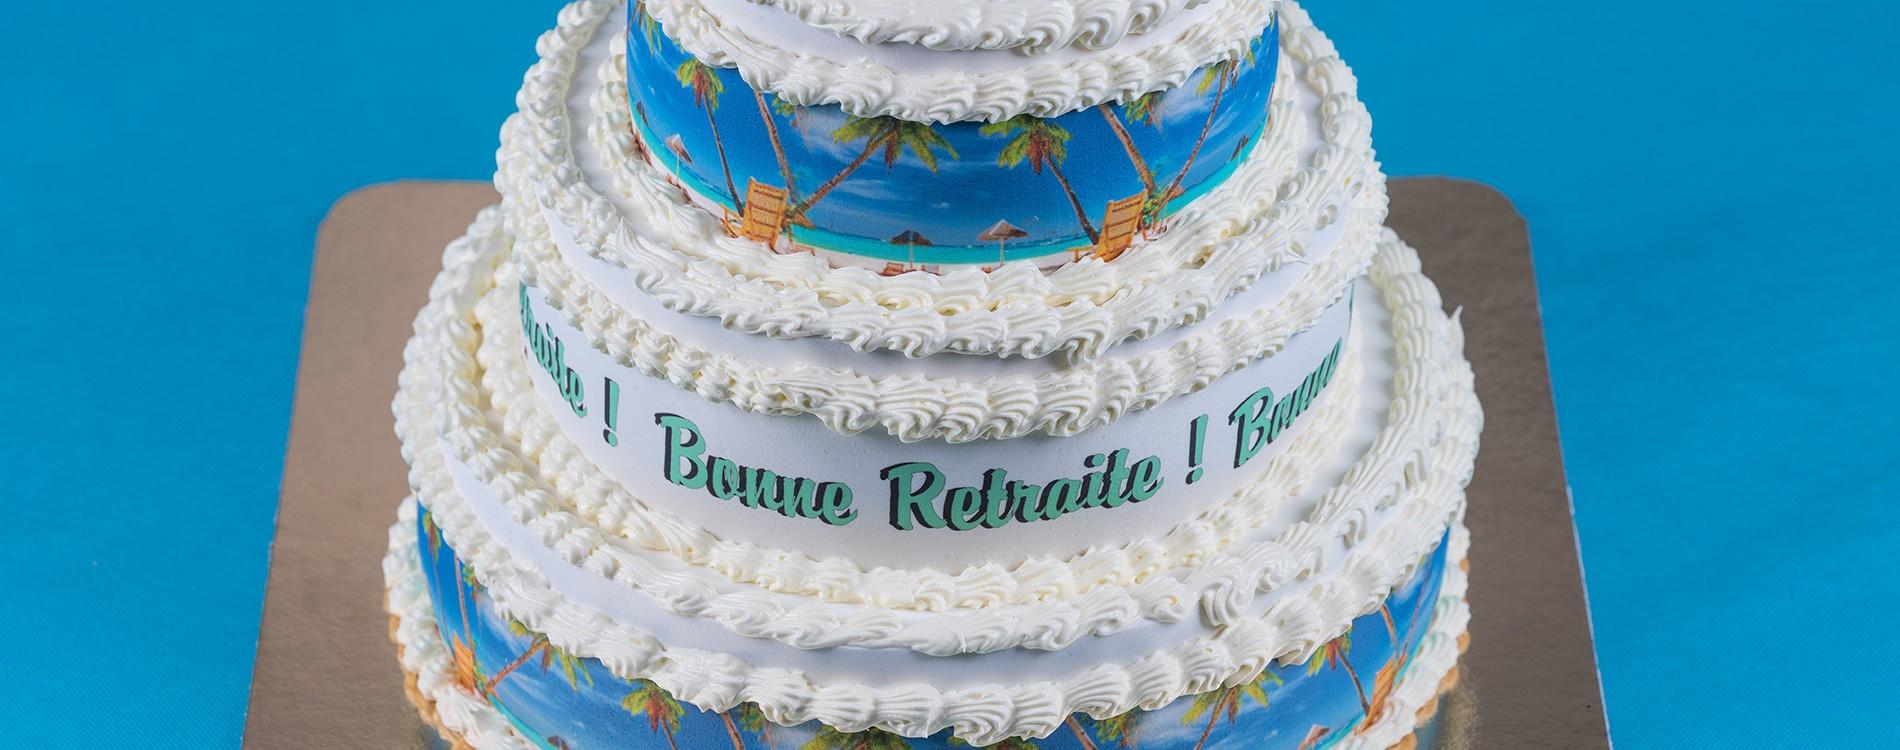 Gâteaux Décors Fruits 1824 Personnes